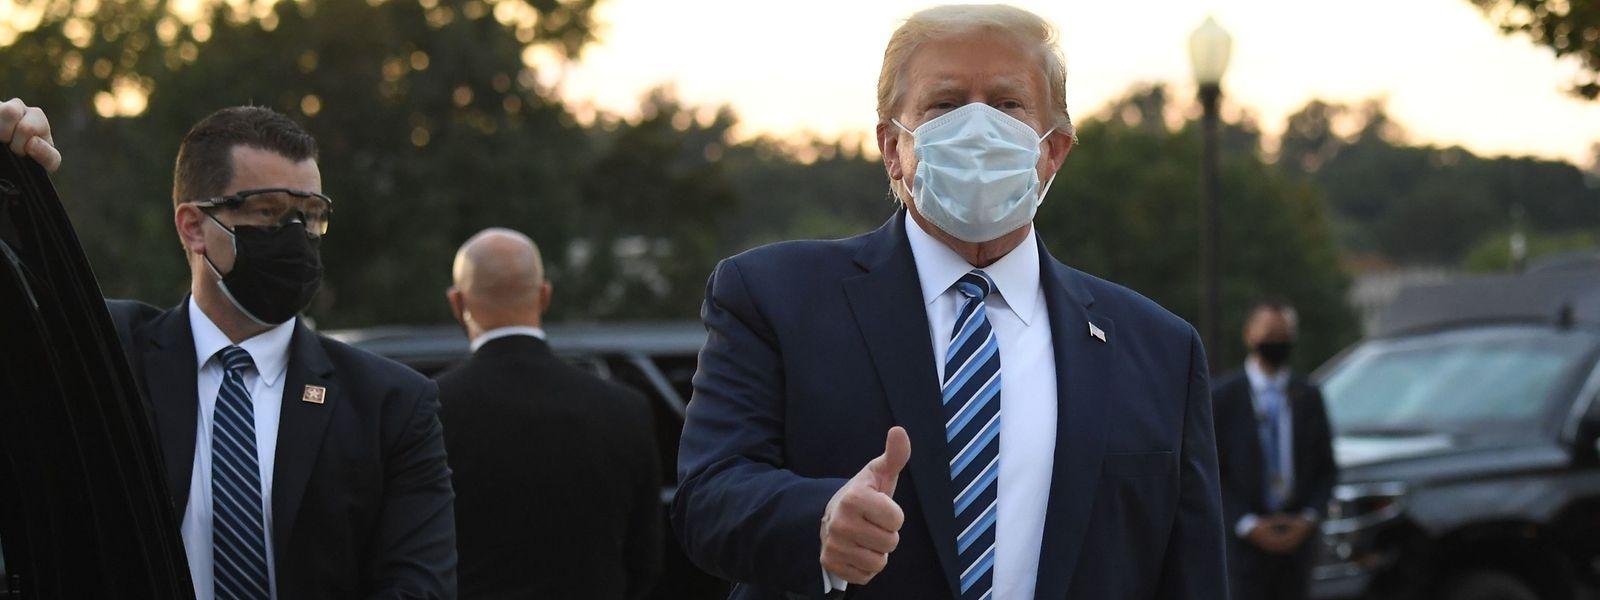 Donald Trump präsentiert sich trotz Corona-Infektion als starker Mann. Am Montag kehrte er in das Weiße Haus zurück.